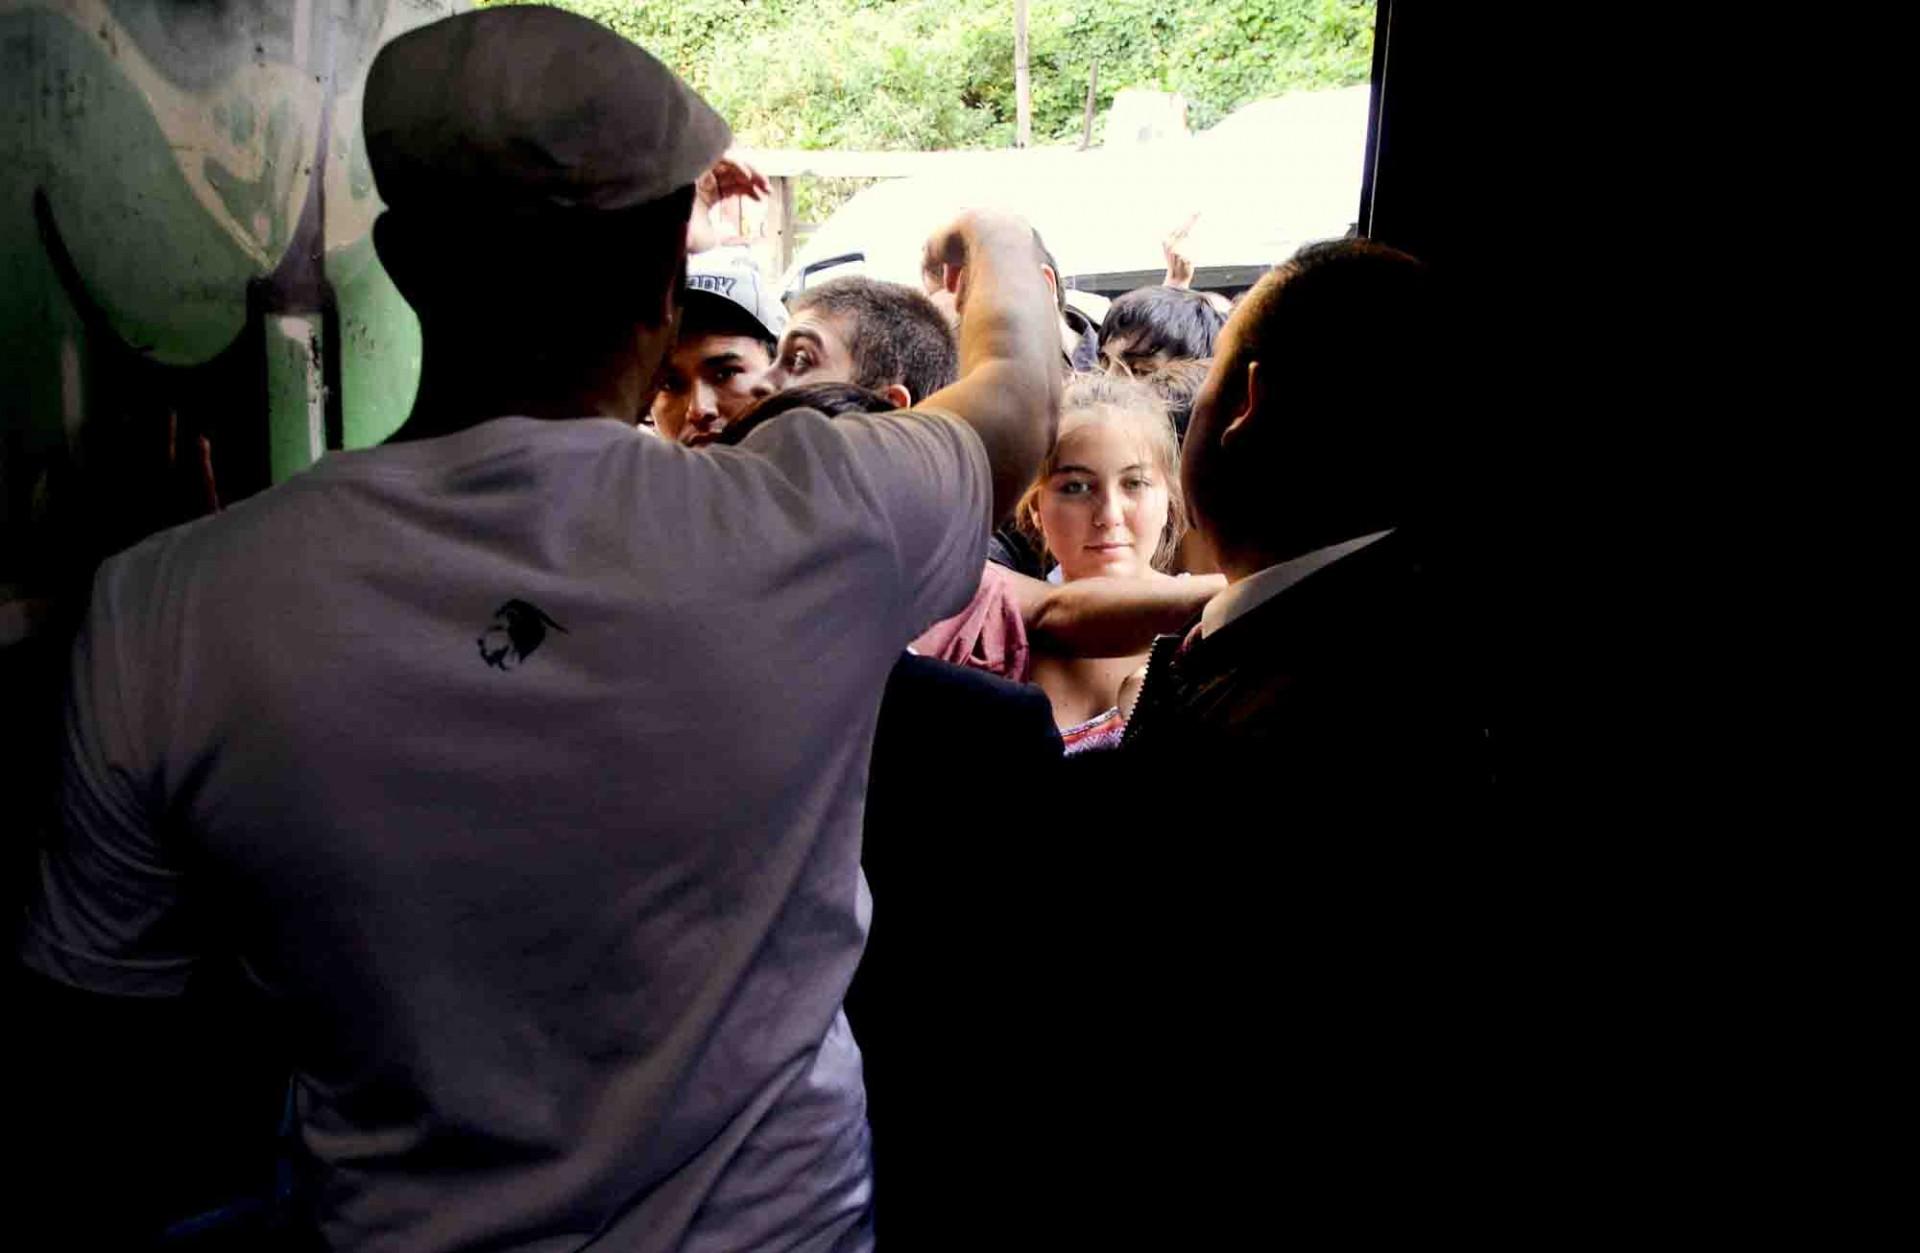 Llegó tanta gente que algunos quedaron fuera. Mal por ellos, bien por la convocatoria del hip hop en Valparaíso.